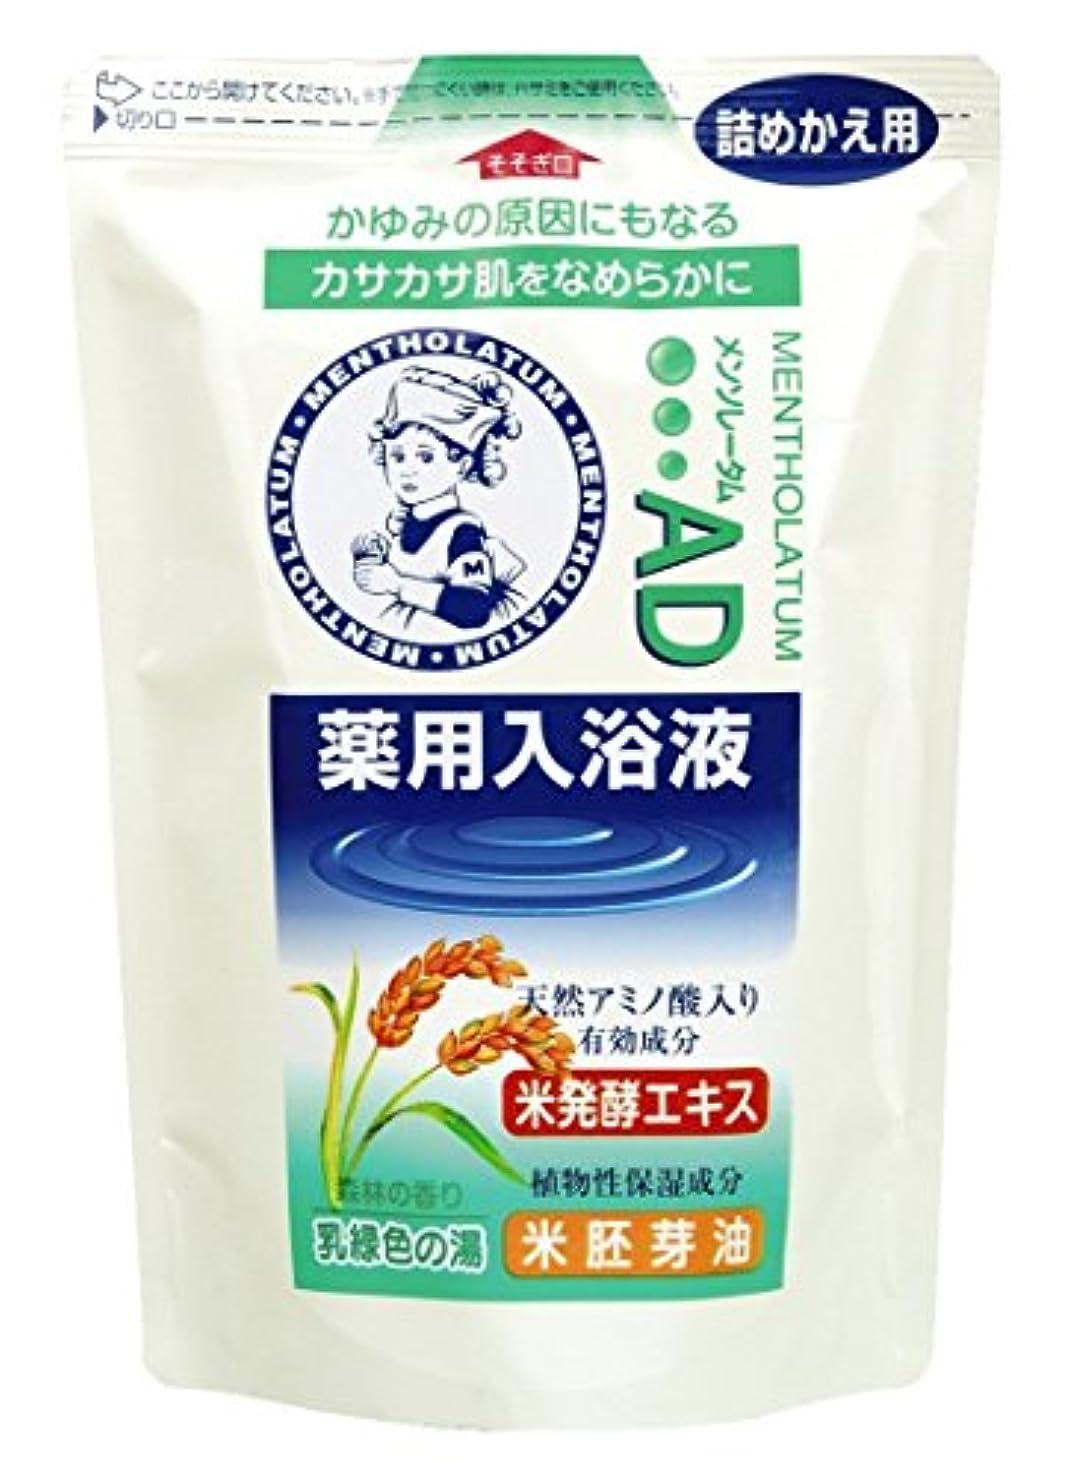 合併症不愉快に勇敢なメンソレータムAD薬用入浴液 やすらぐ森林の香り(詰替用) 600ml